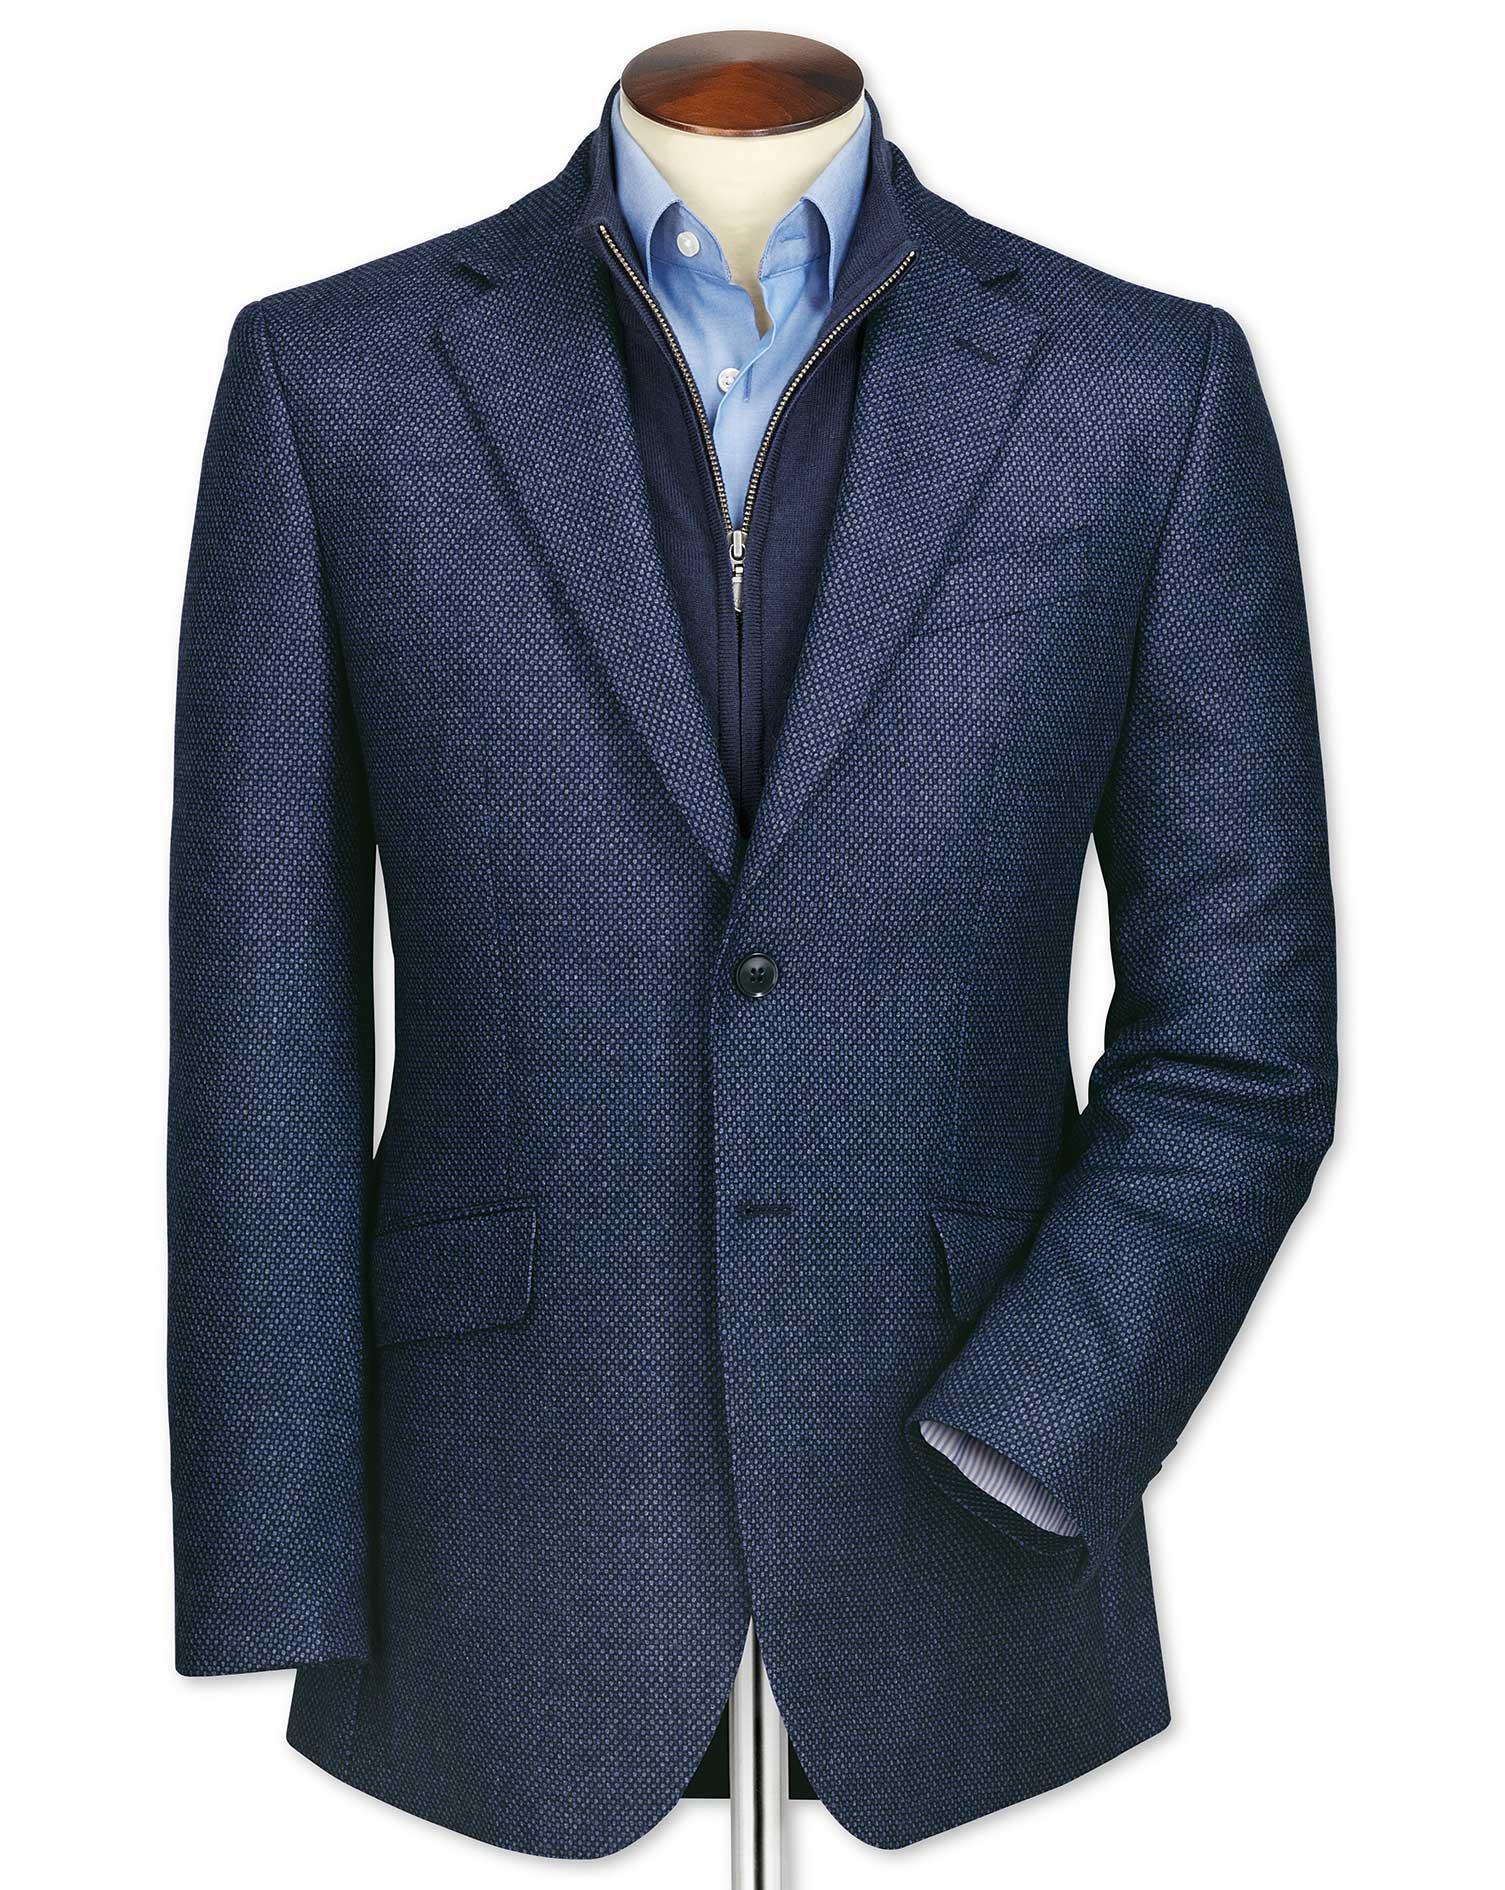 Slim Fit Blue Birdseye Lambswool Wool Jacket Size 44 Long by Charles Tyrwhitt